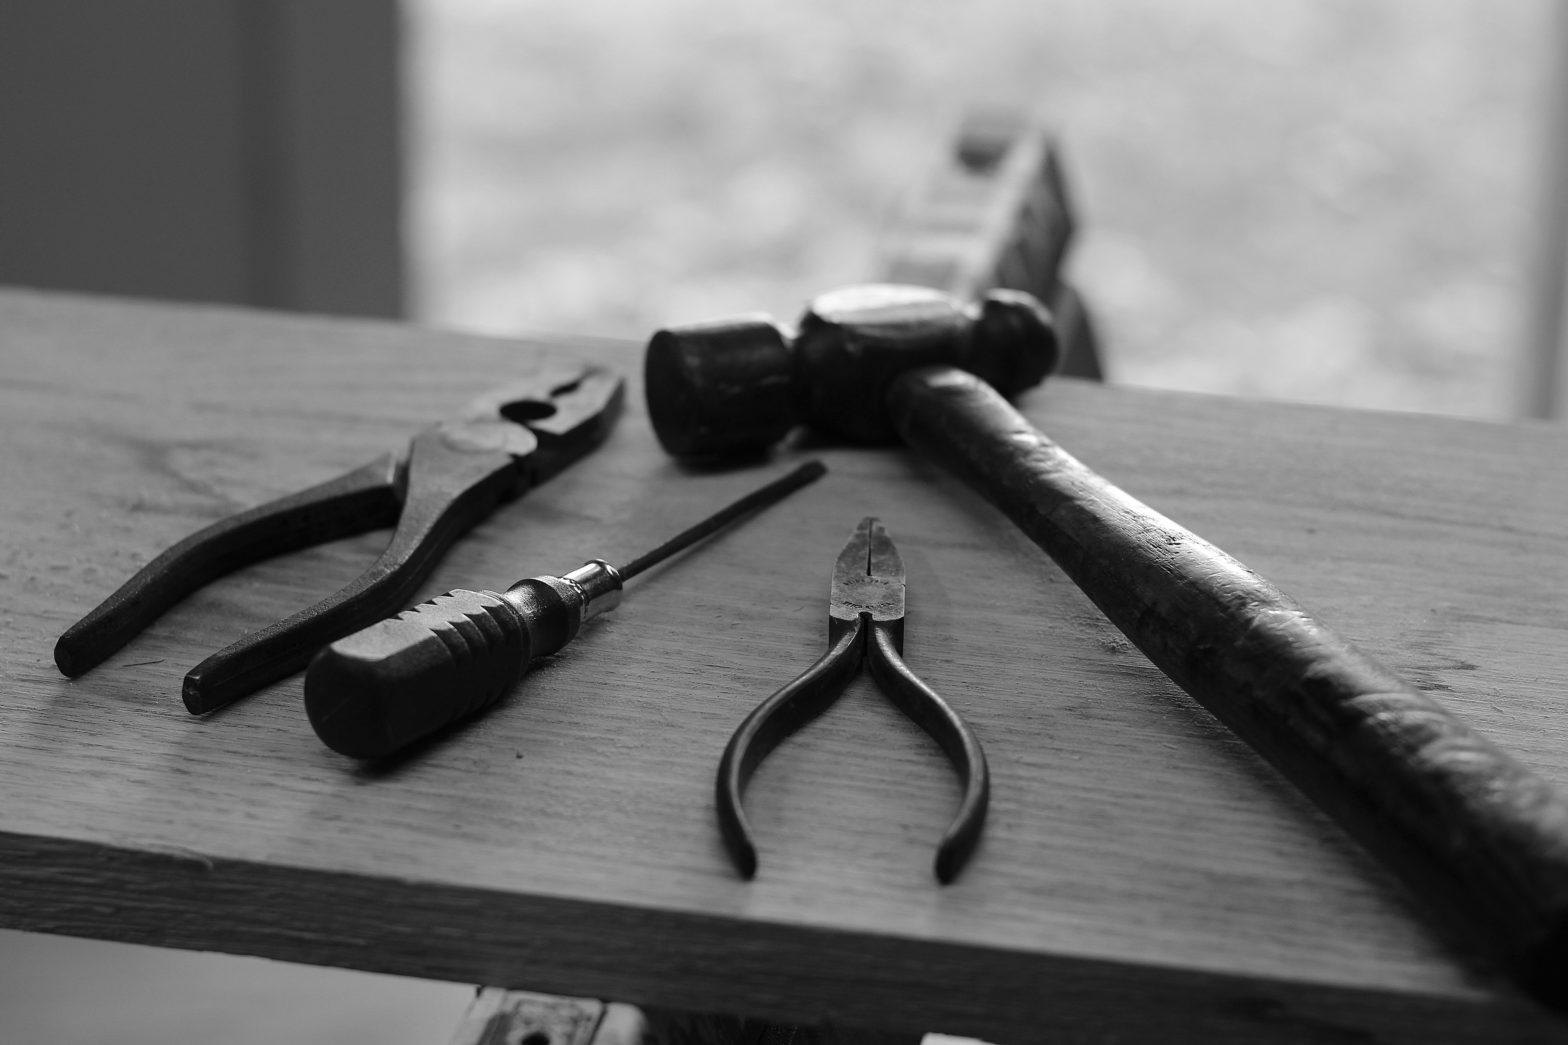 Tools für die finanzielle und persönliche Entwicklung